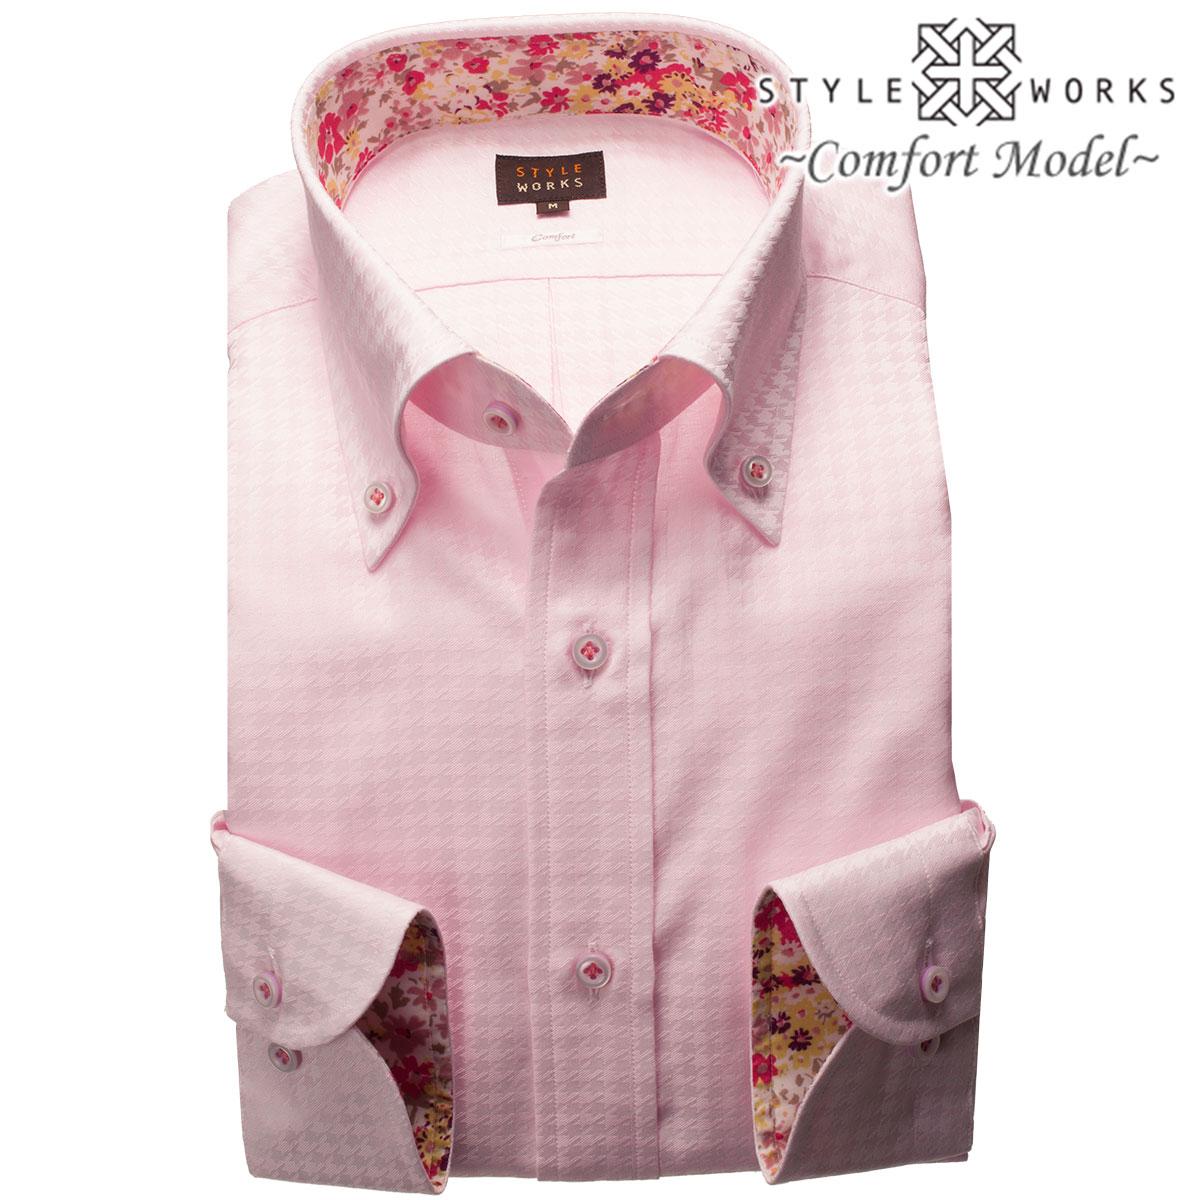 1805 国産コットンドレスシャツ 綿100 コンフォート ピンクジャガード千鳥格子 ボタンダウンカラーメンズ fs3gm